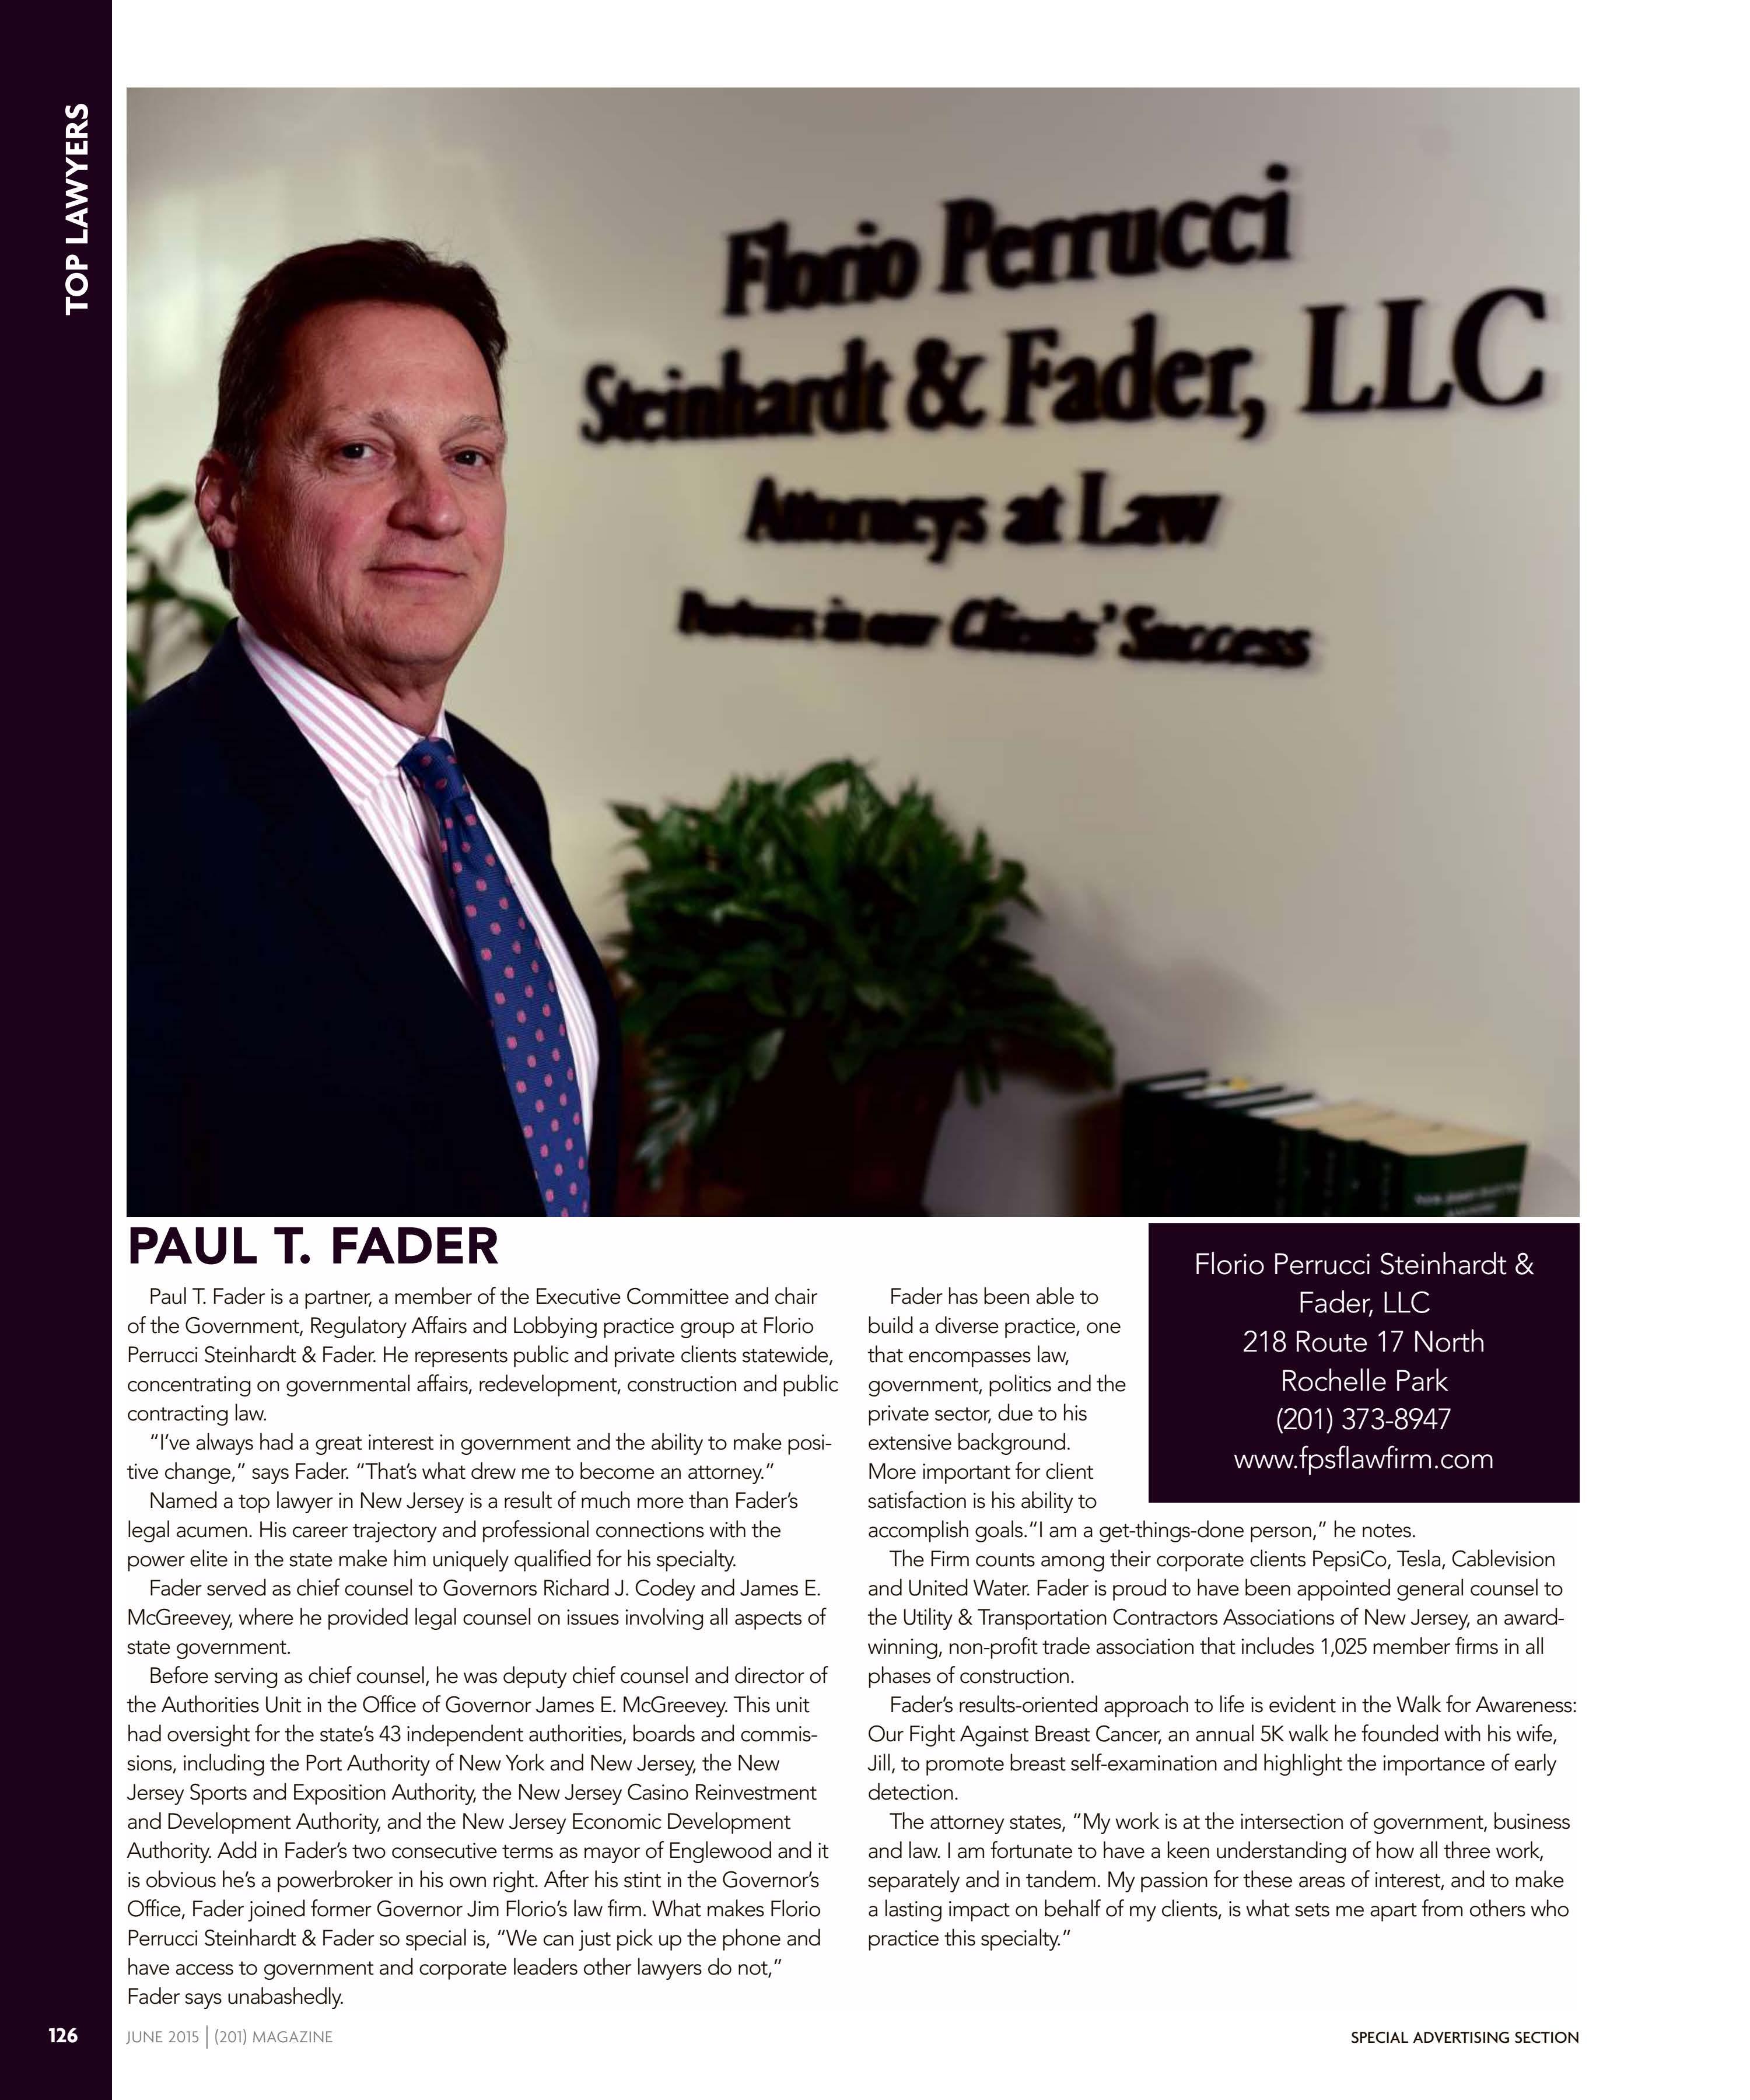 PaulTFader_201magazine.jpg